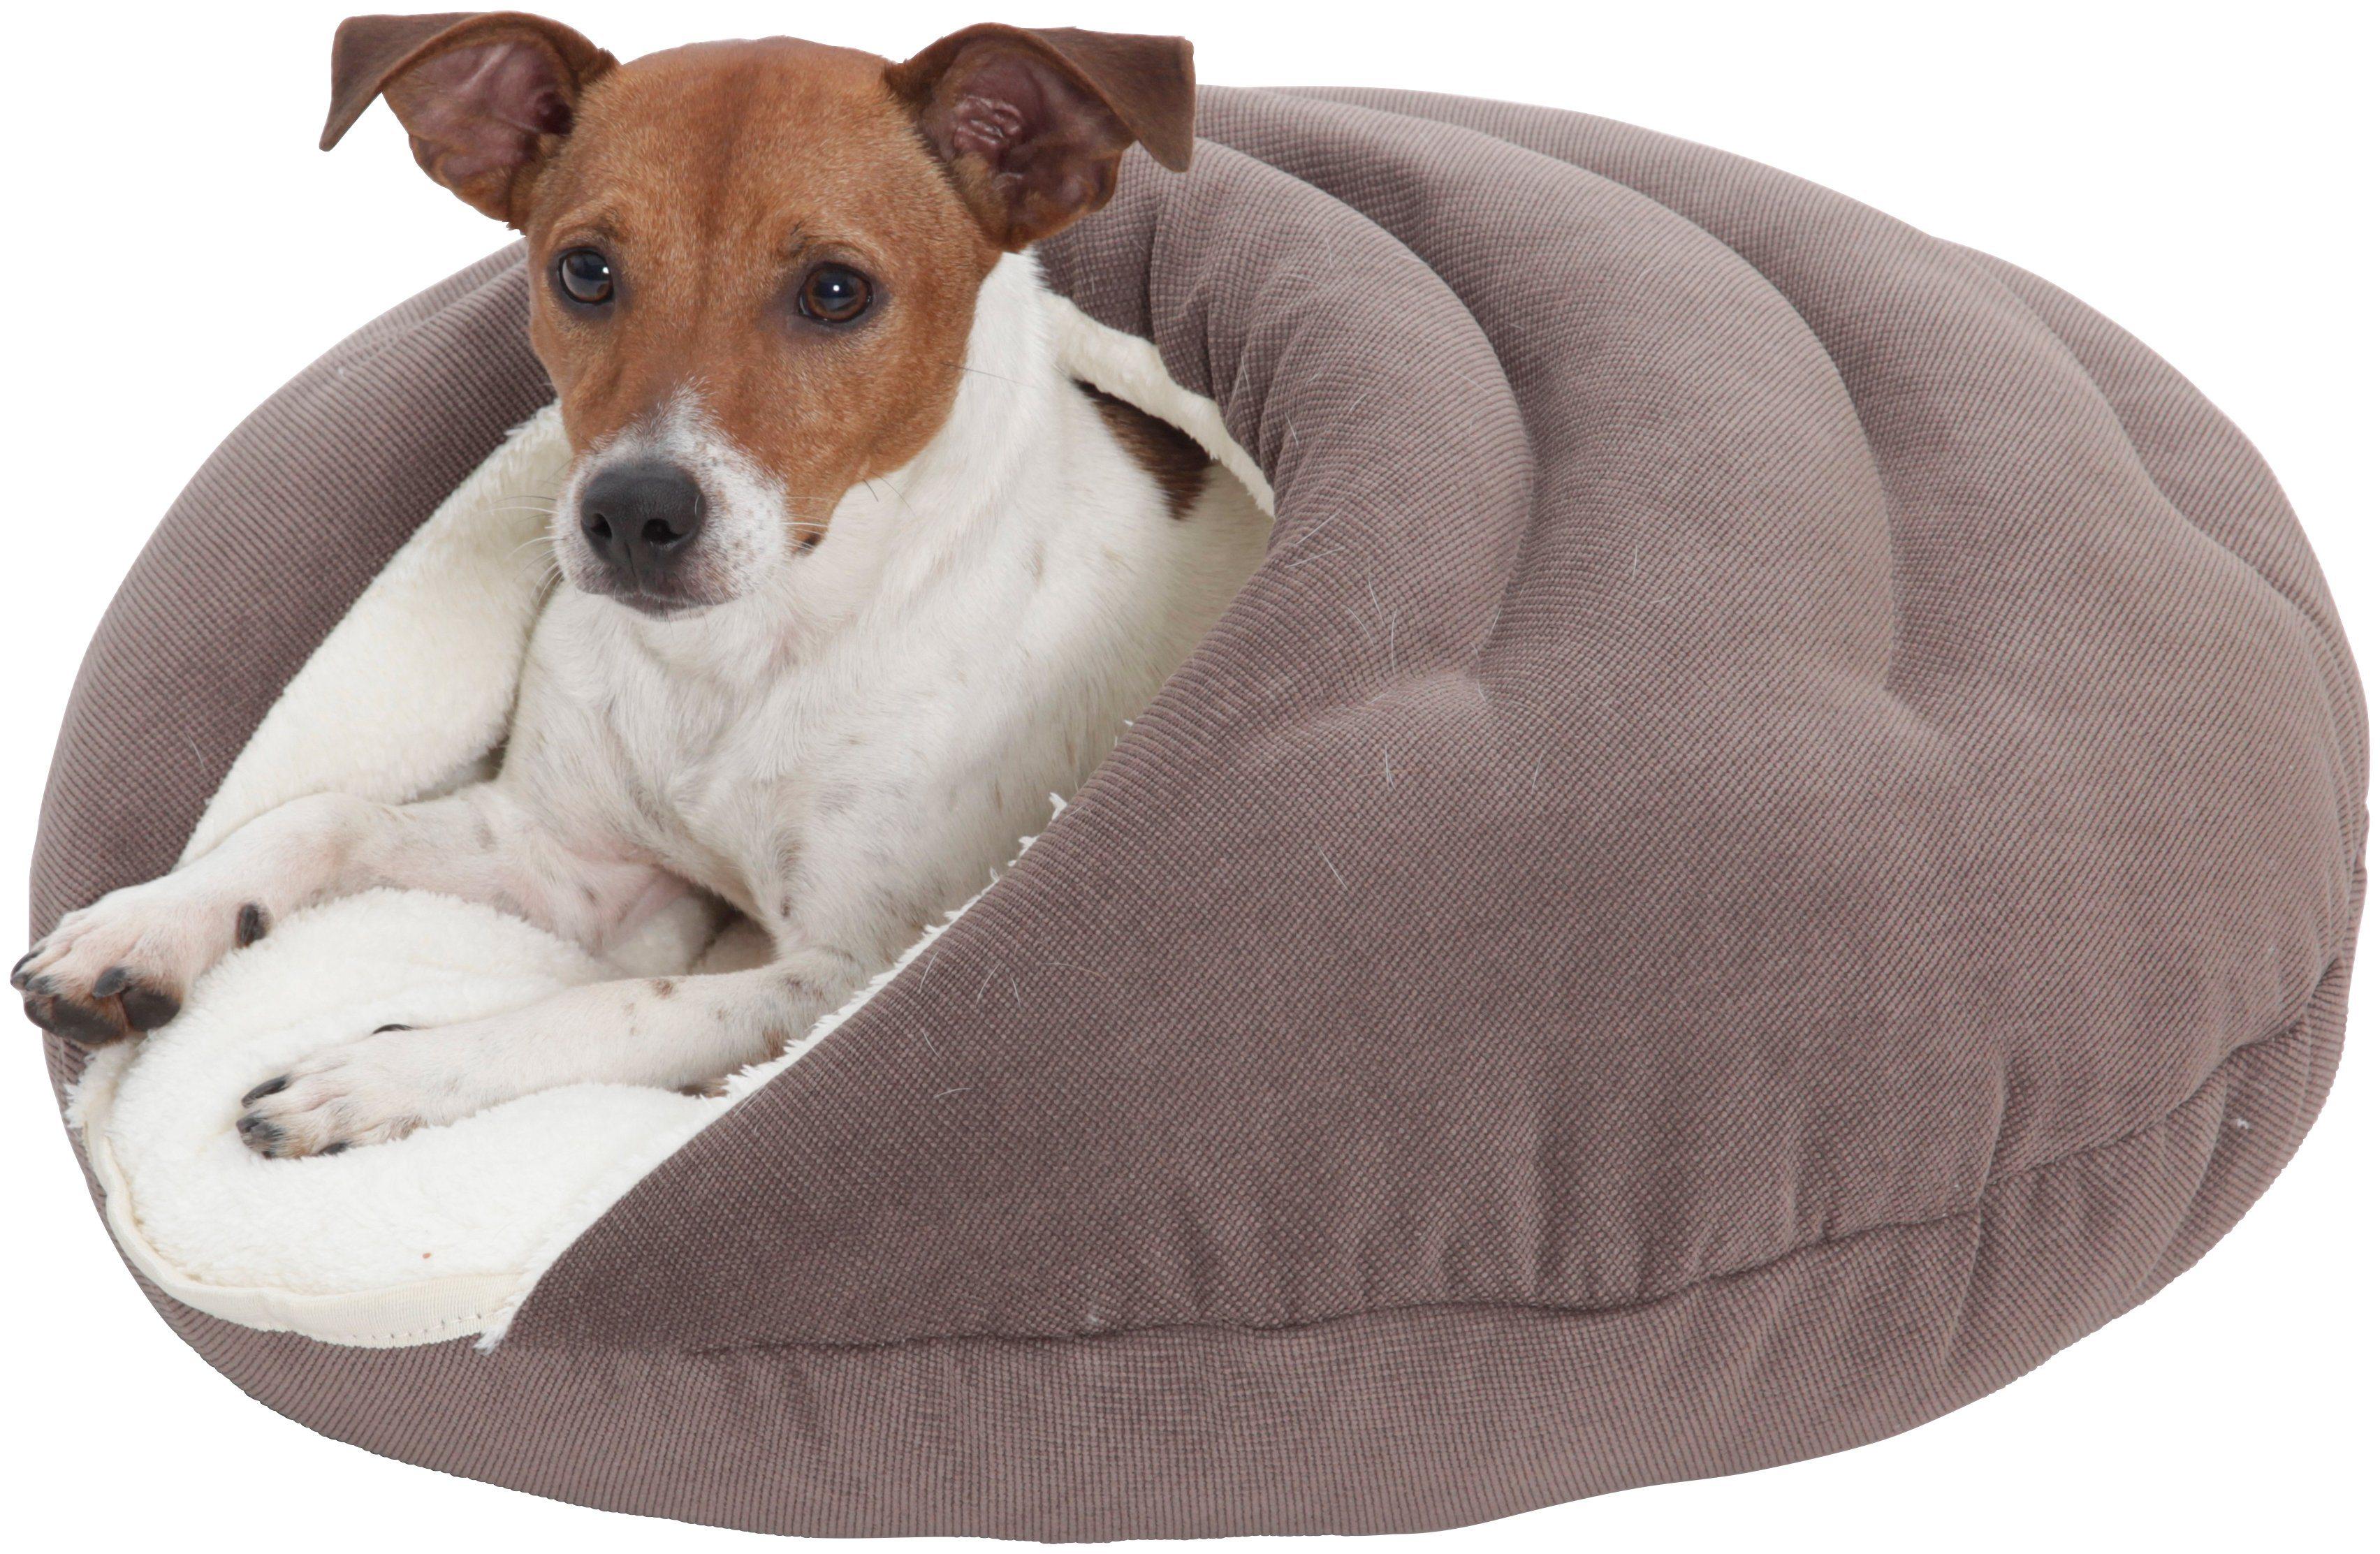 katzenh hle preisvergleich die besten angebote online kaufen. Black Bedroom Furniture Sets. Home Design Ideas